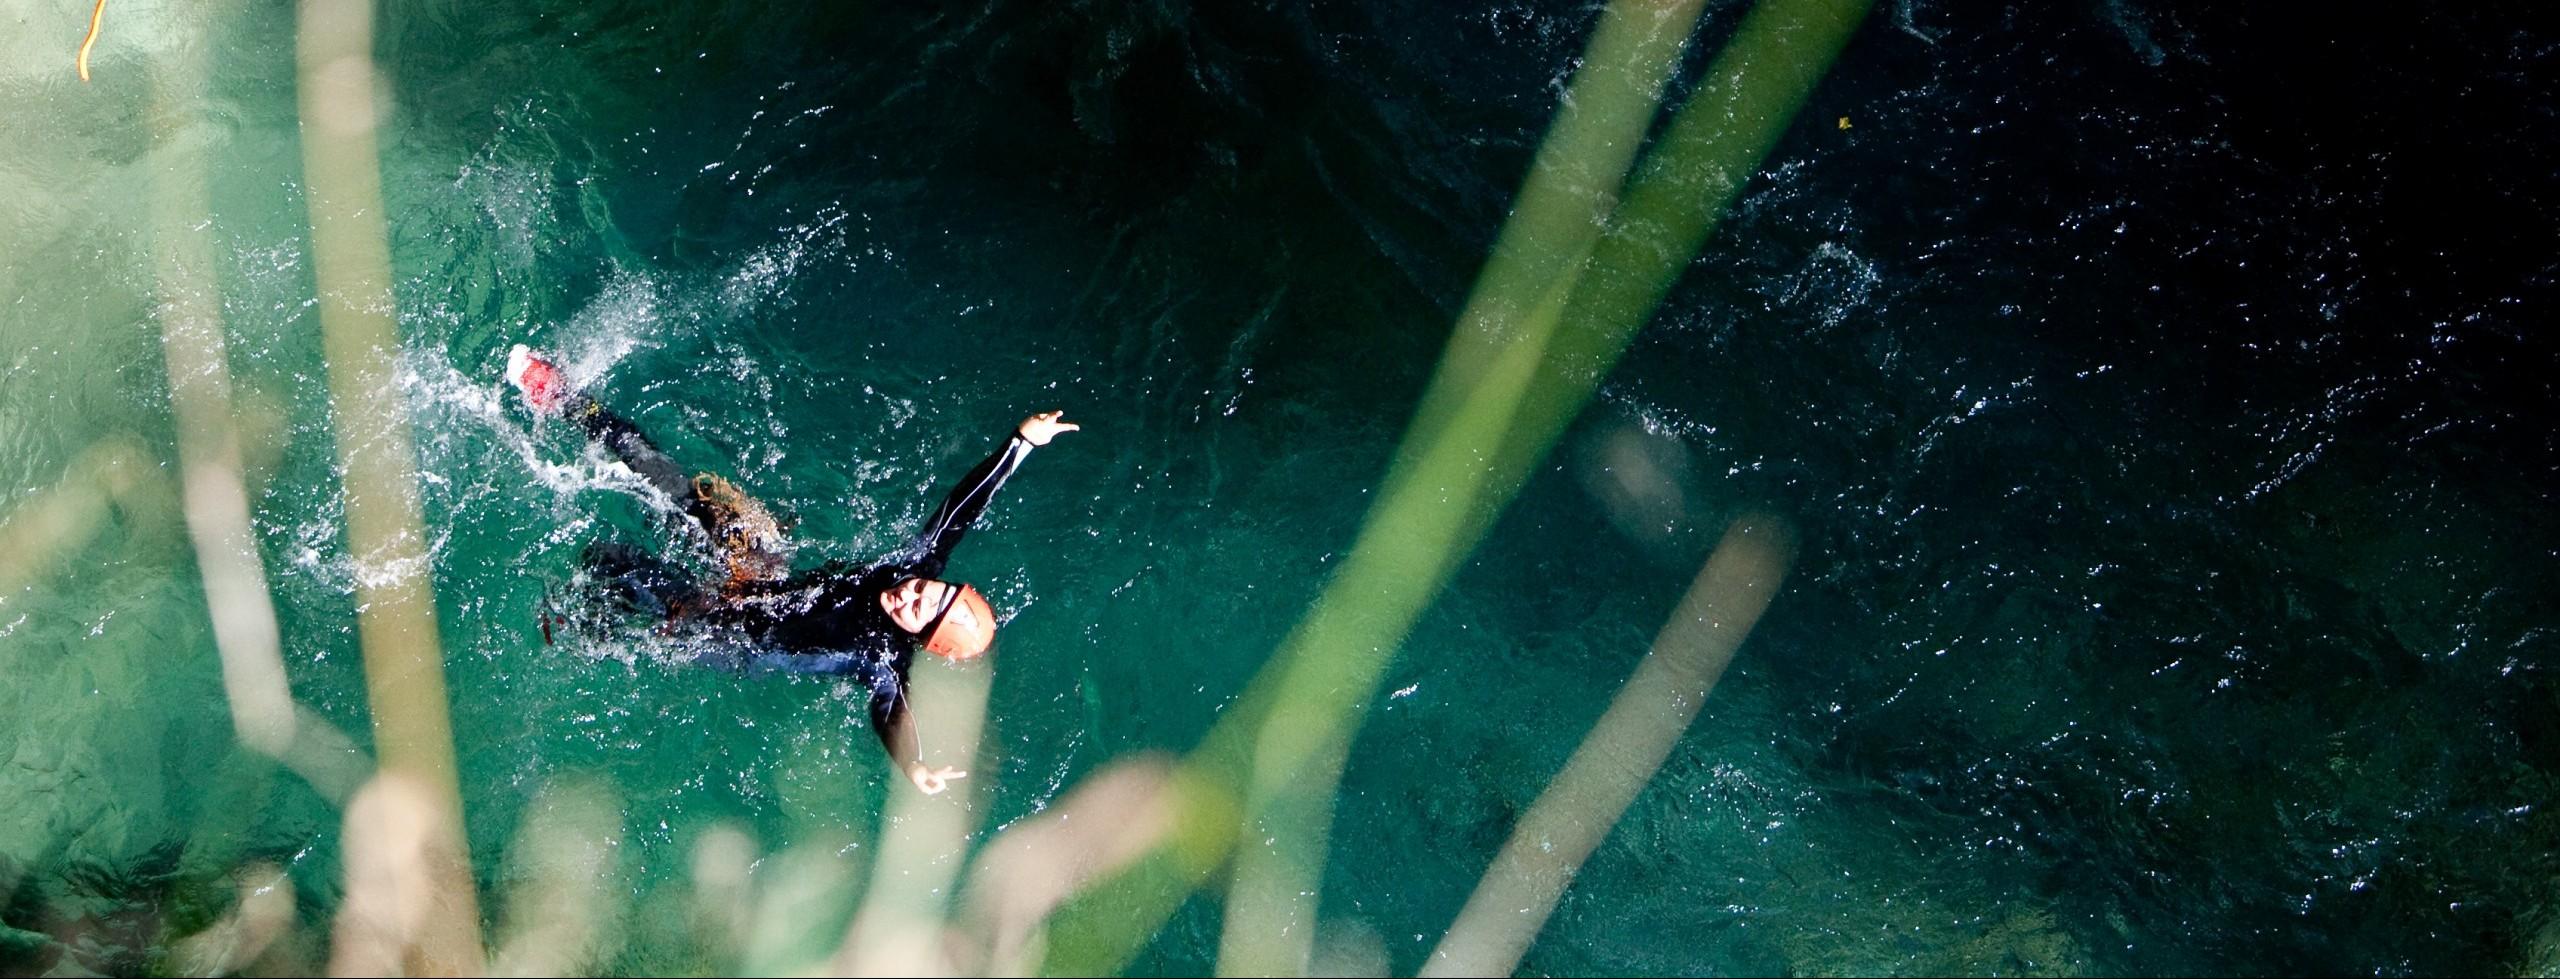 Le canyoning l'été c'est rafraîchissant dans les Hautes Alpes. Plaisir, sensation et fraîcheur en canyon dans le Guillestrois. La montagne avec un guide est une découverte de nouvelles sensations.